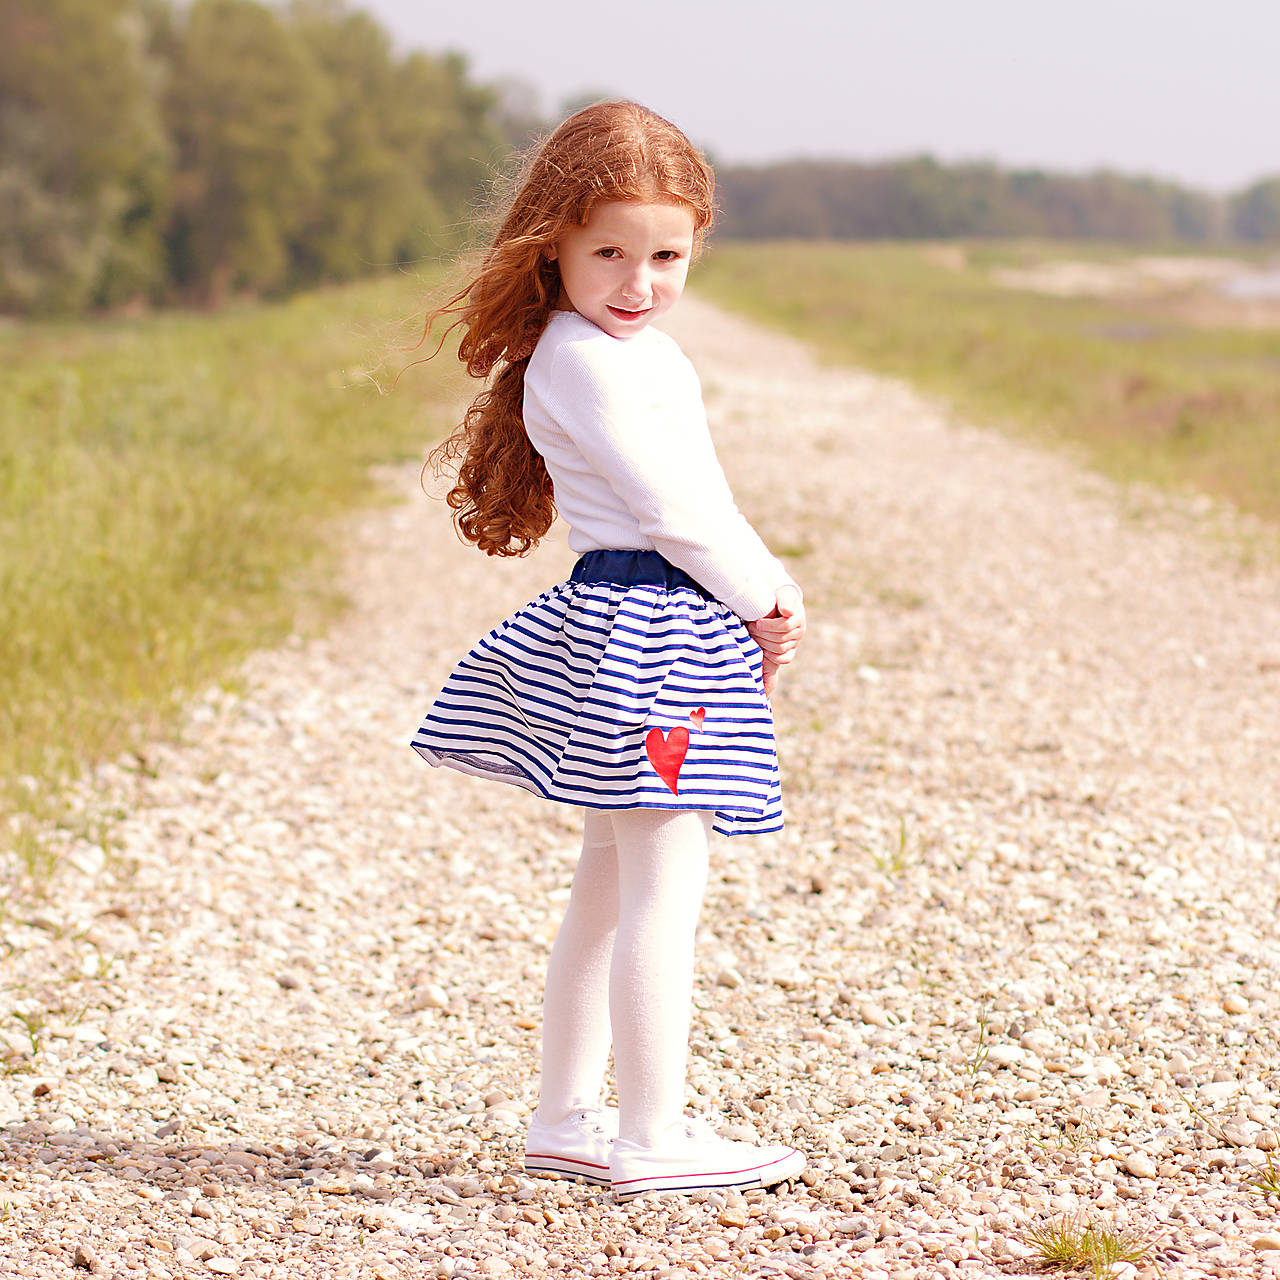 Detská sukňa Navy & heart